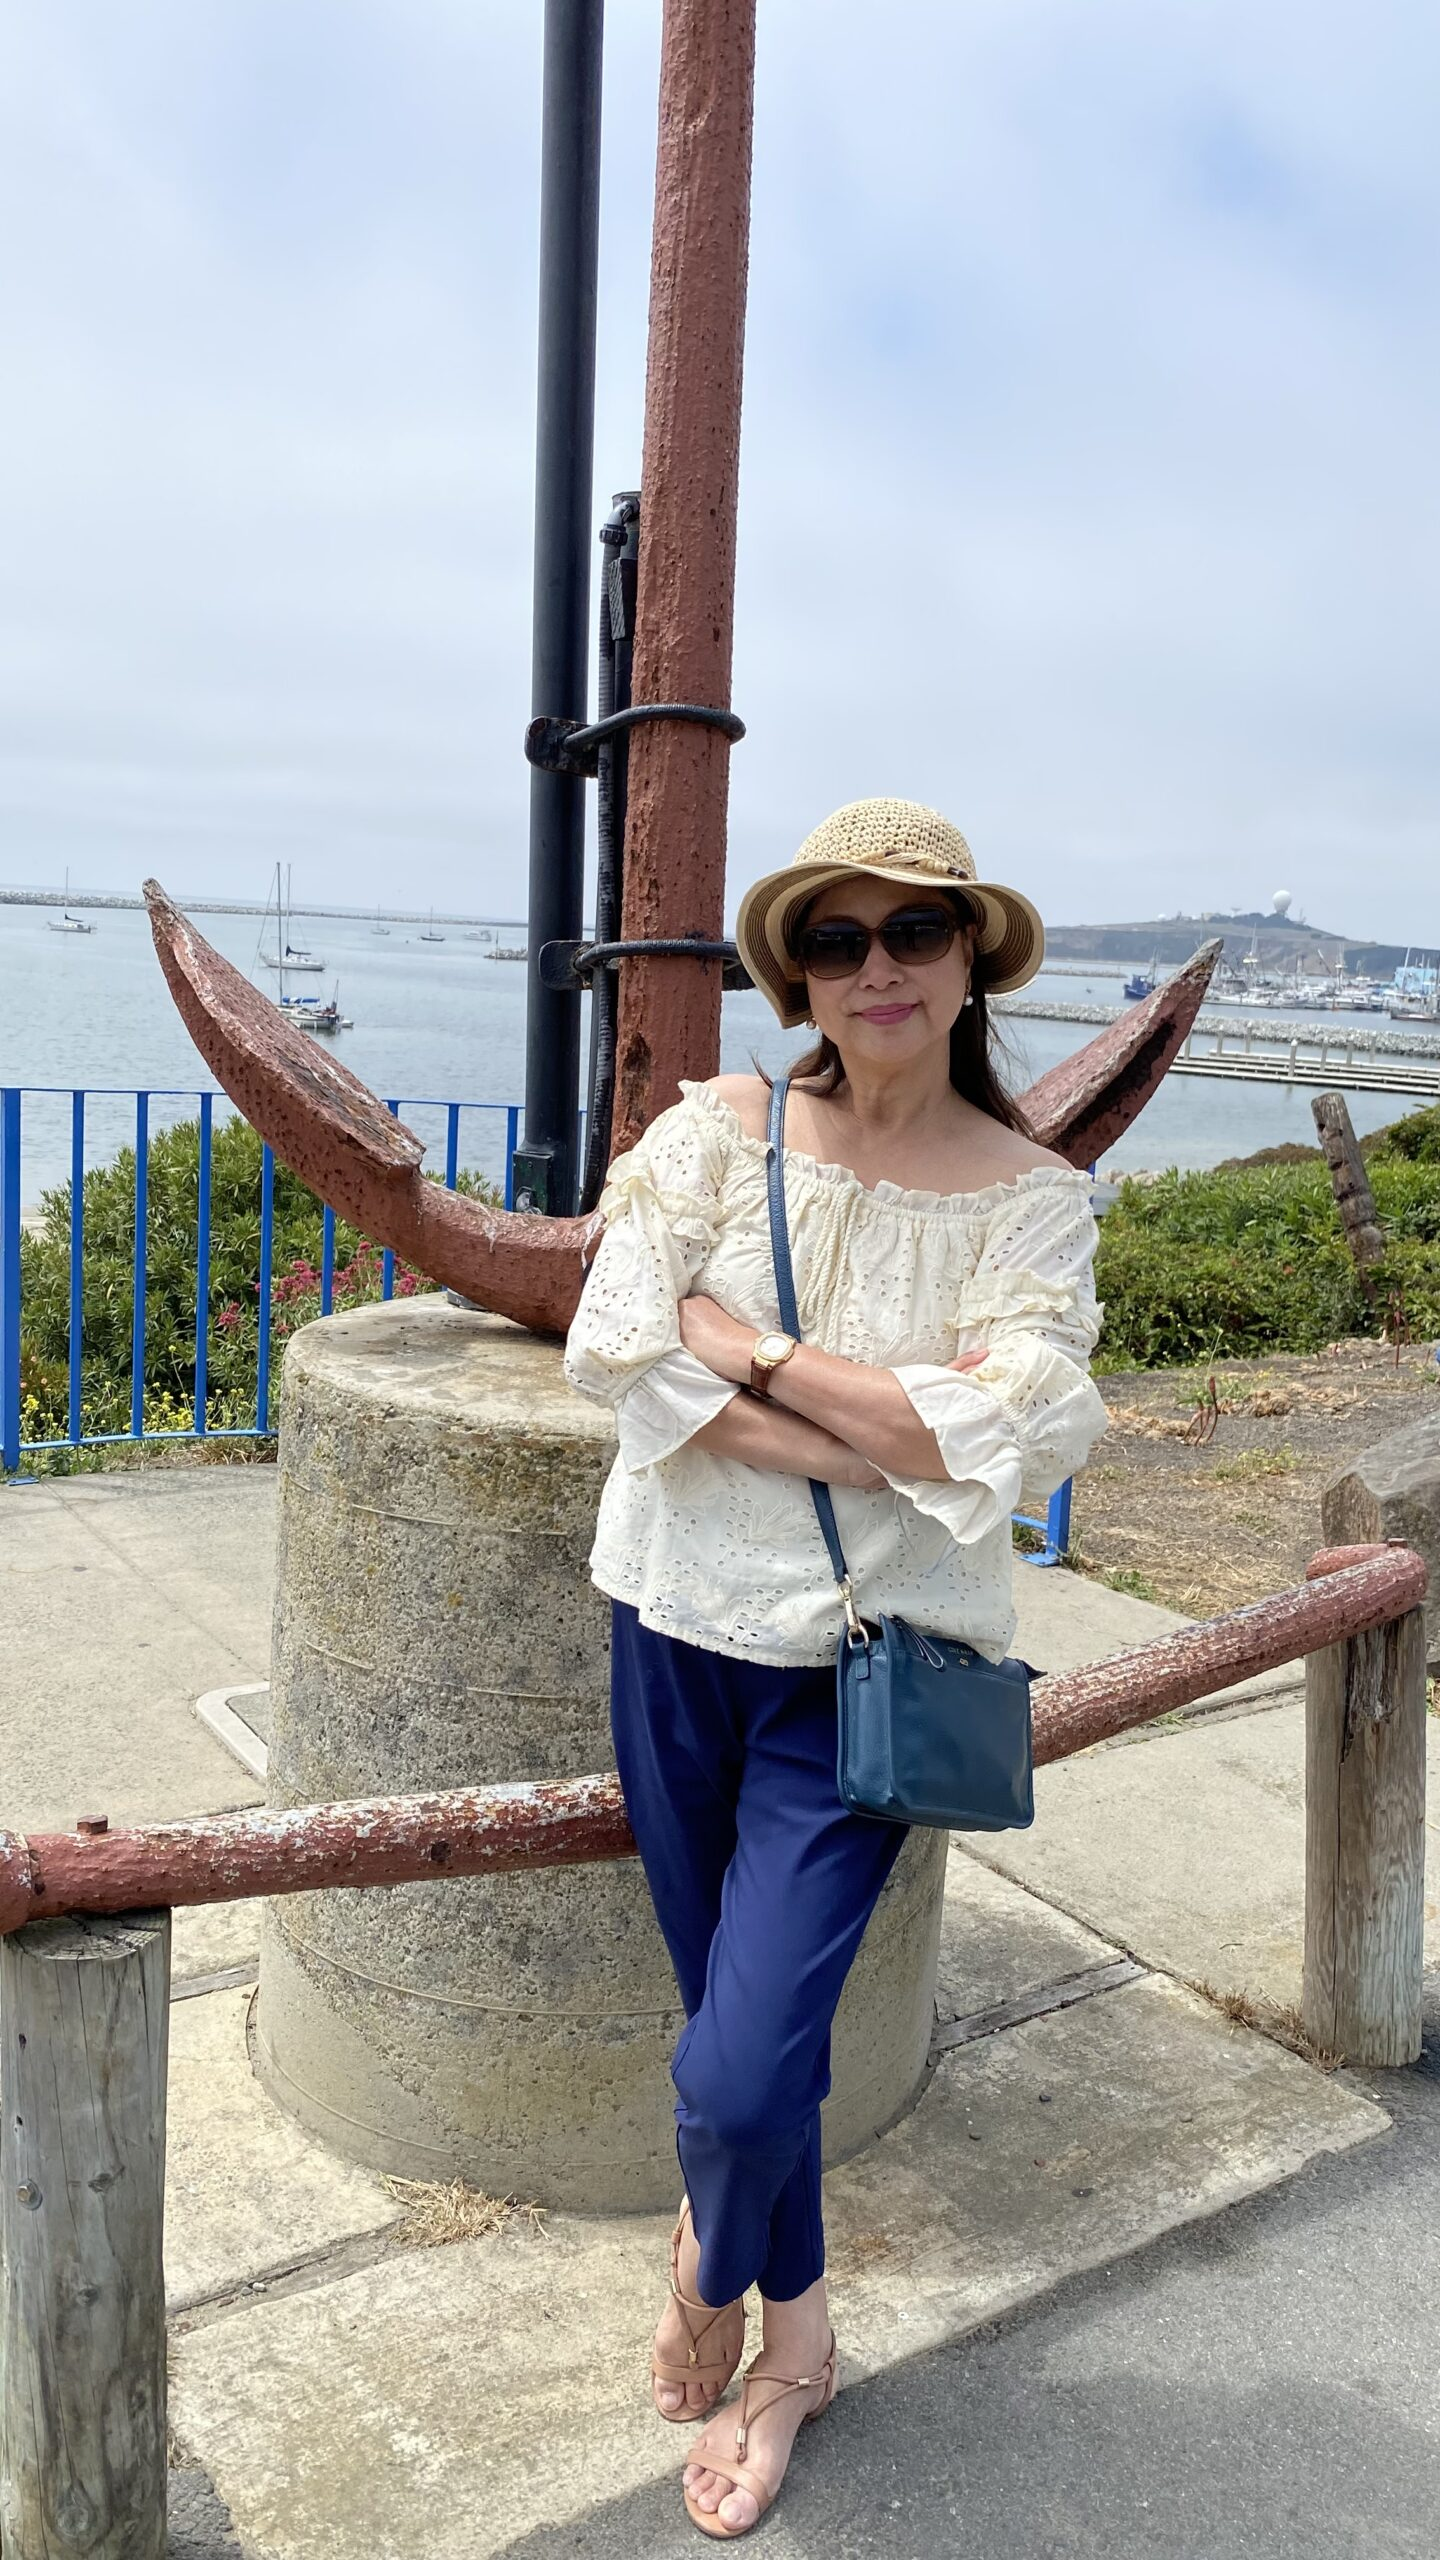 Annie Tan Yee in Half-moon bay